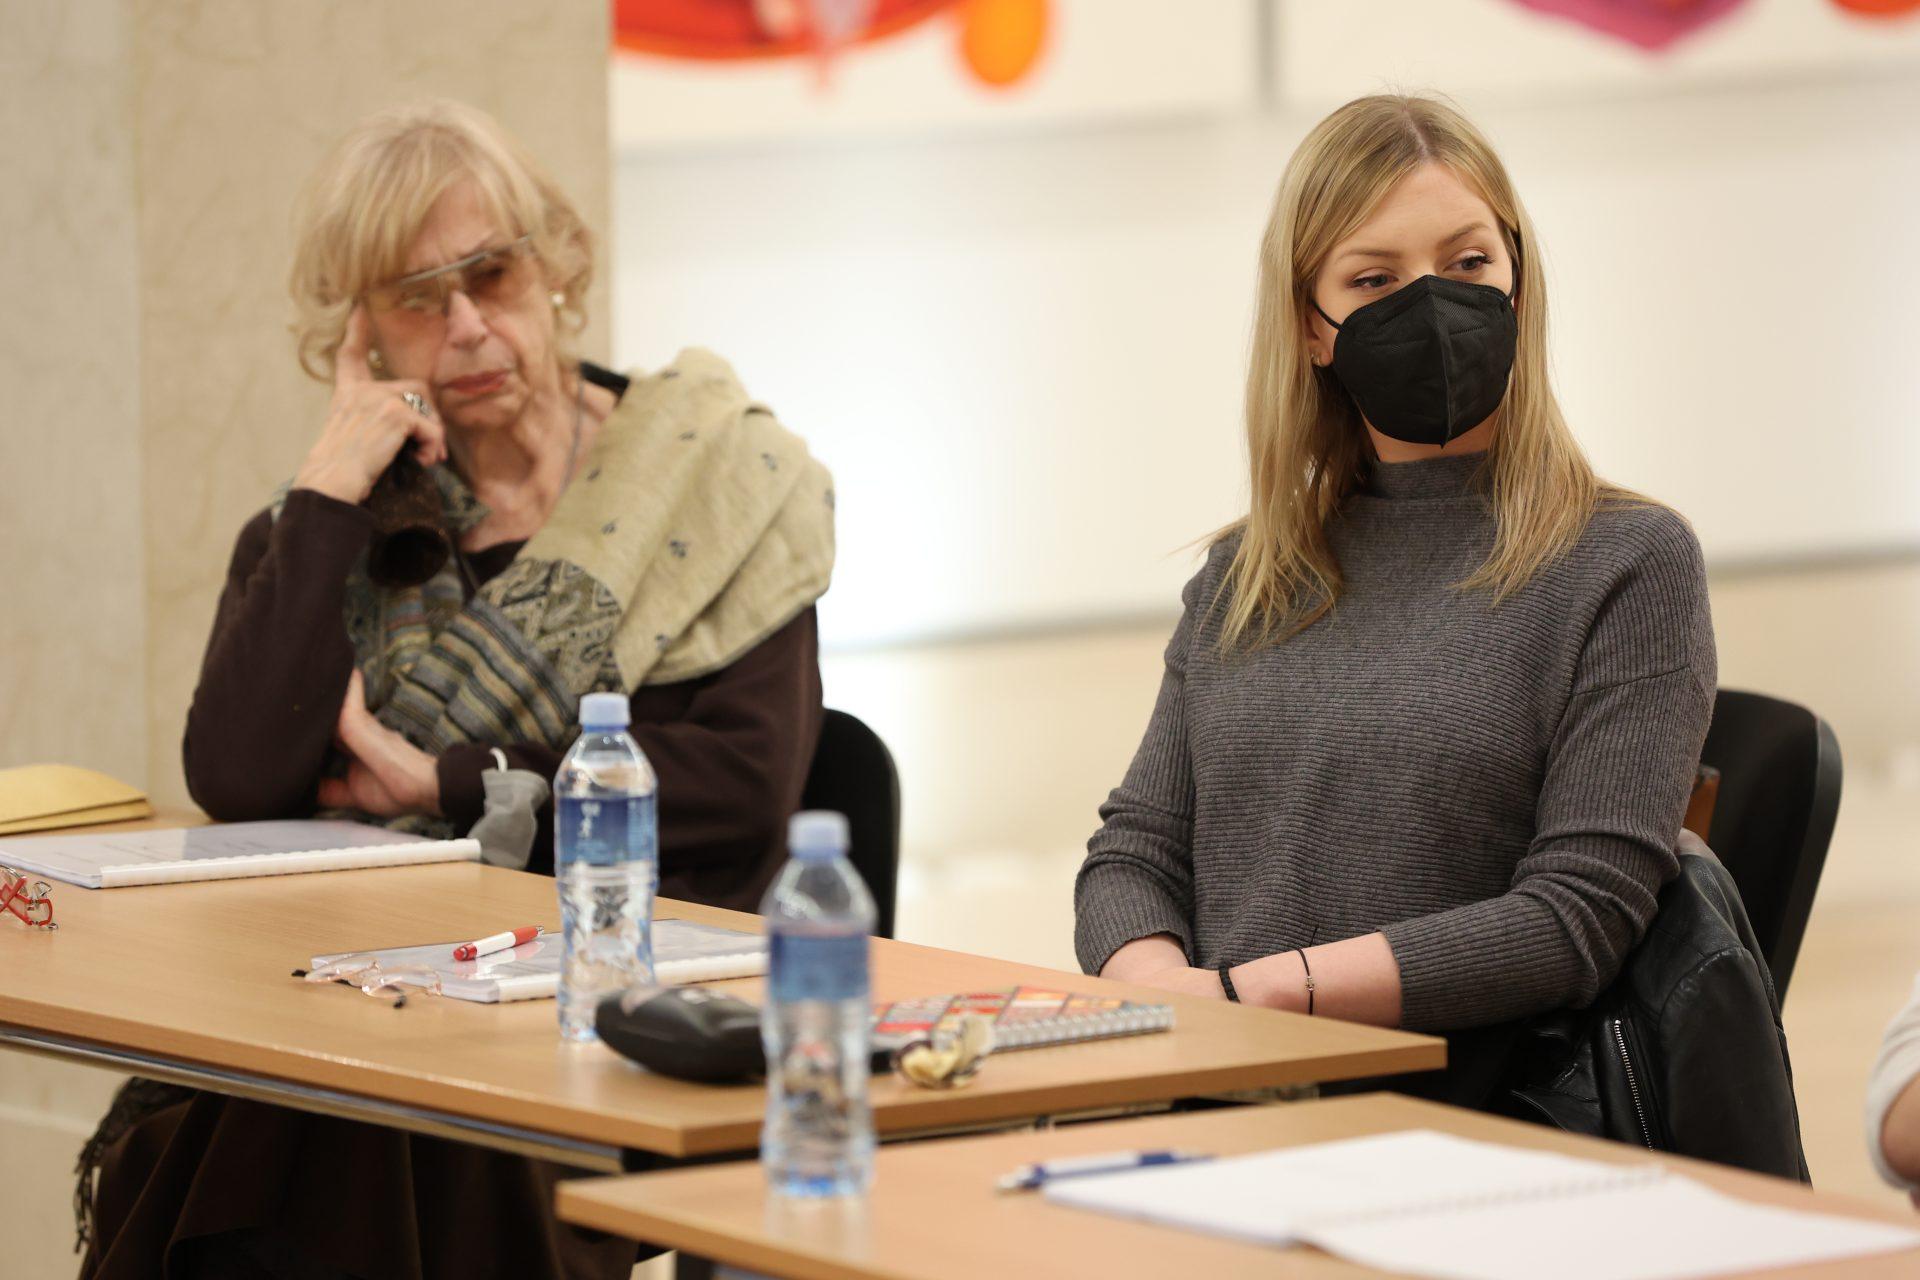 Branka Petrić, Tamara Aleksić, Da krenemo ispočetka, nova predstava, pozorište Madlenianum